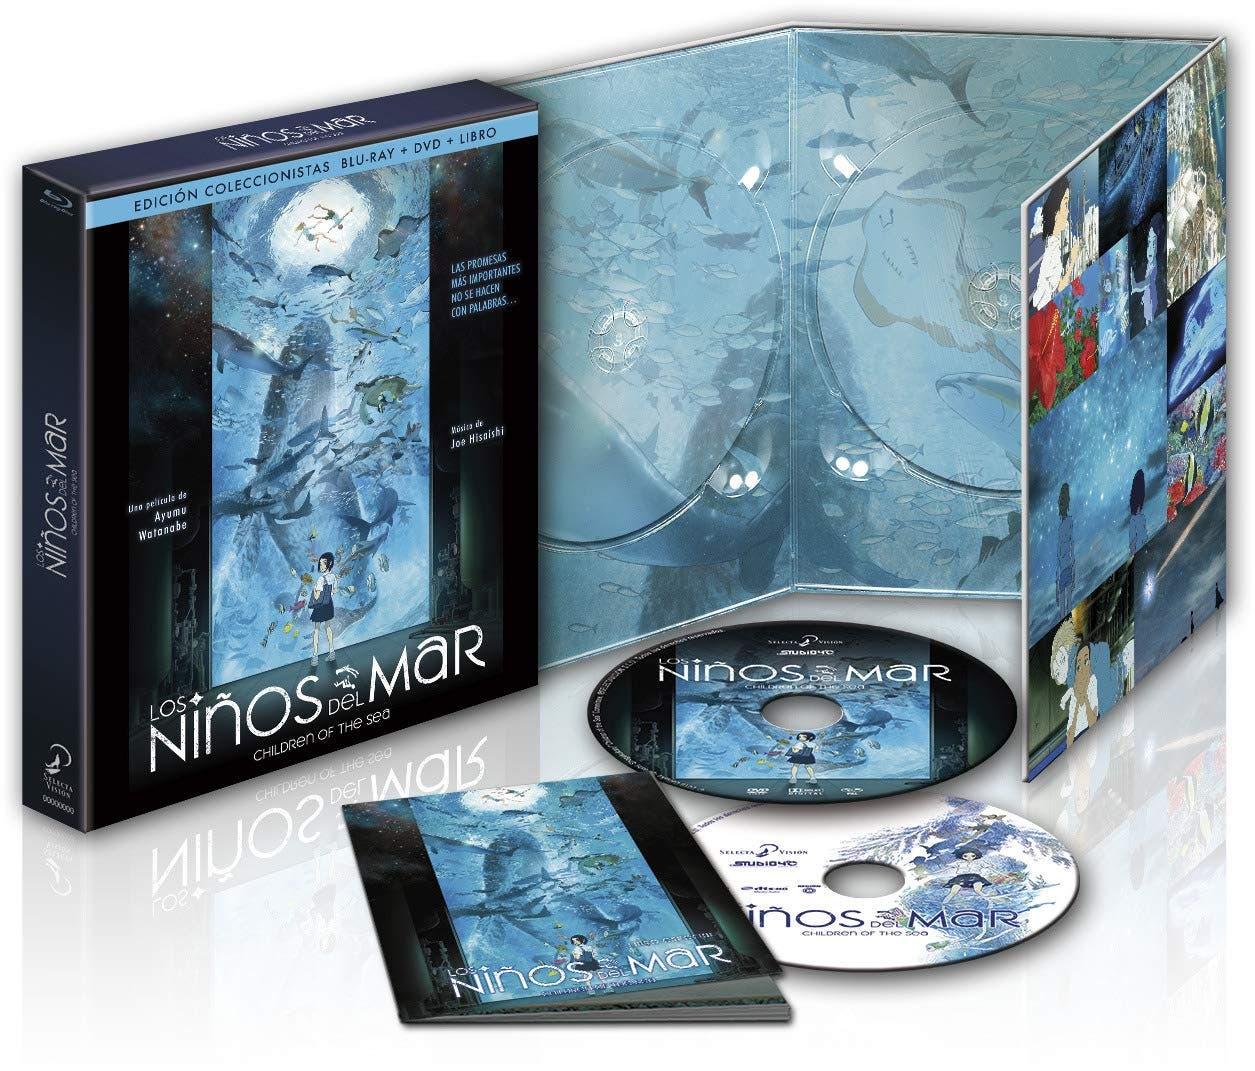 Los Niños del Mar - Edición Coleccionista [Blu-ray]